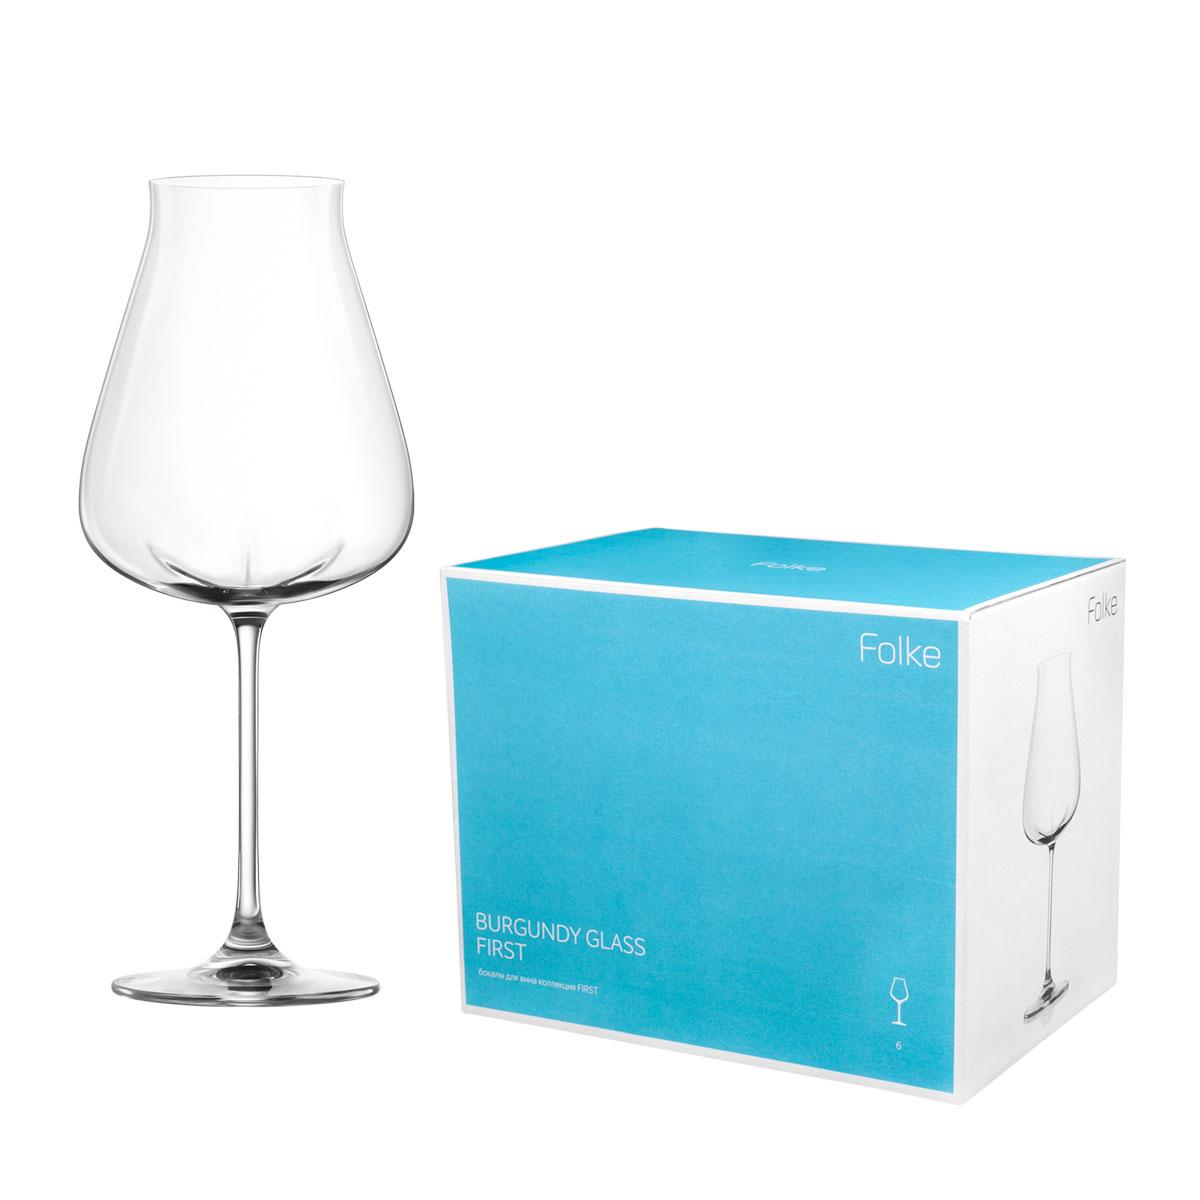 Набор бокалов для вина Folke Burgundy Glass, 700 мл, 6 предметов. 2007178U2007178UКоллекция First- это бокалы из бессвинцового хрусталя высшего качества. Наша продукция отличается исключительной чистотой и повышенной устойчивостью к механическим повреждениям. Улучшенные характеристики изделий позволяют использовать их повседневно в домашних условиях и в ресторанном бизнесе. Оригинальный дизайн позволяет любому напитку полностью раскрыться и заиграть новыми красками. Это поистине уникальное творение современных технологий и многолетнего опыта лучших мировых сомелье.